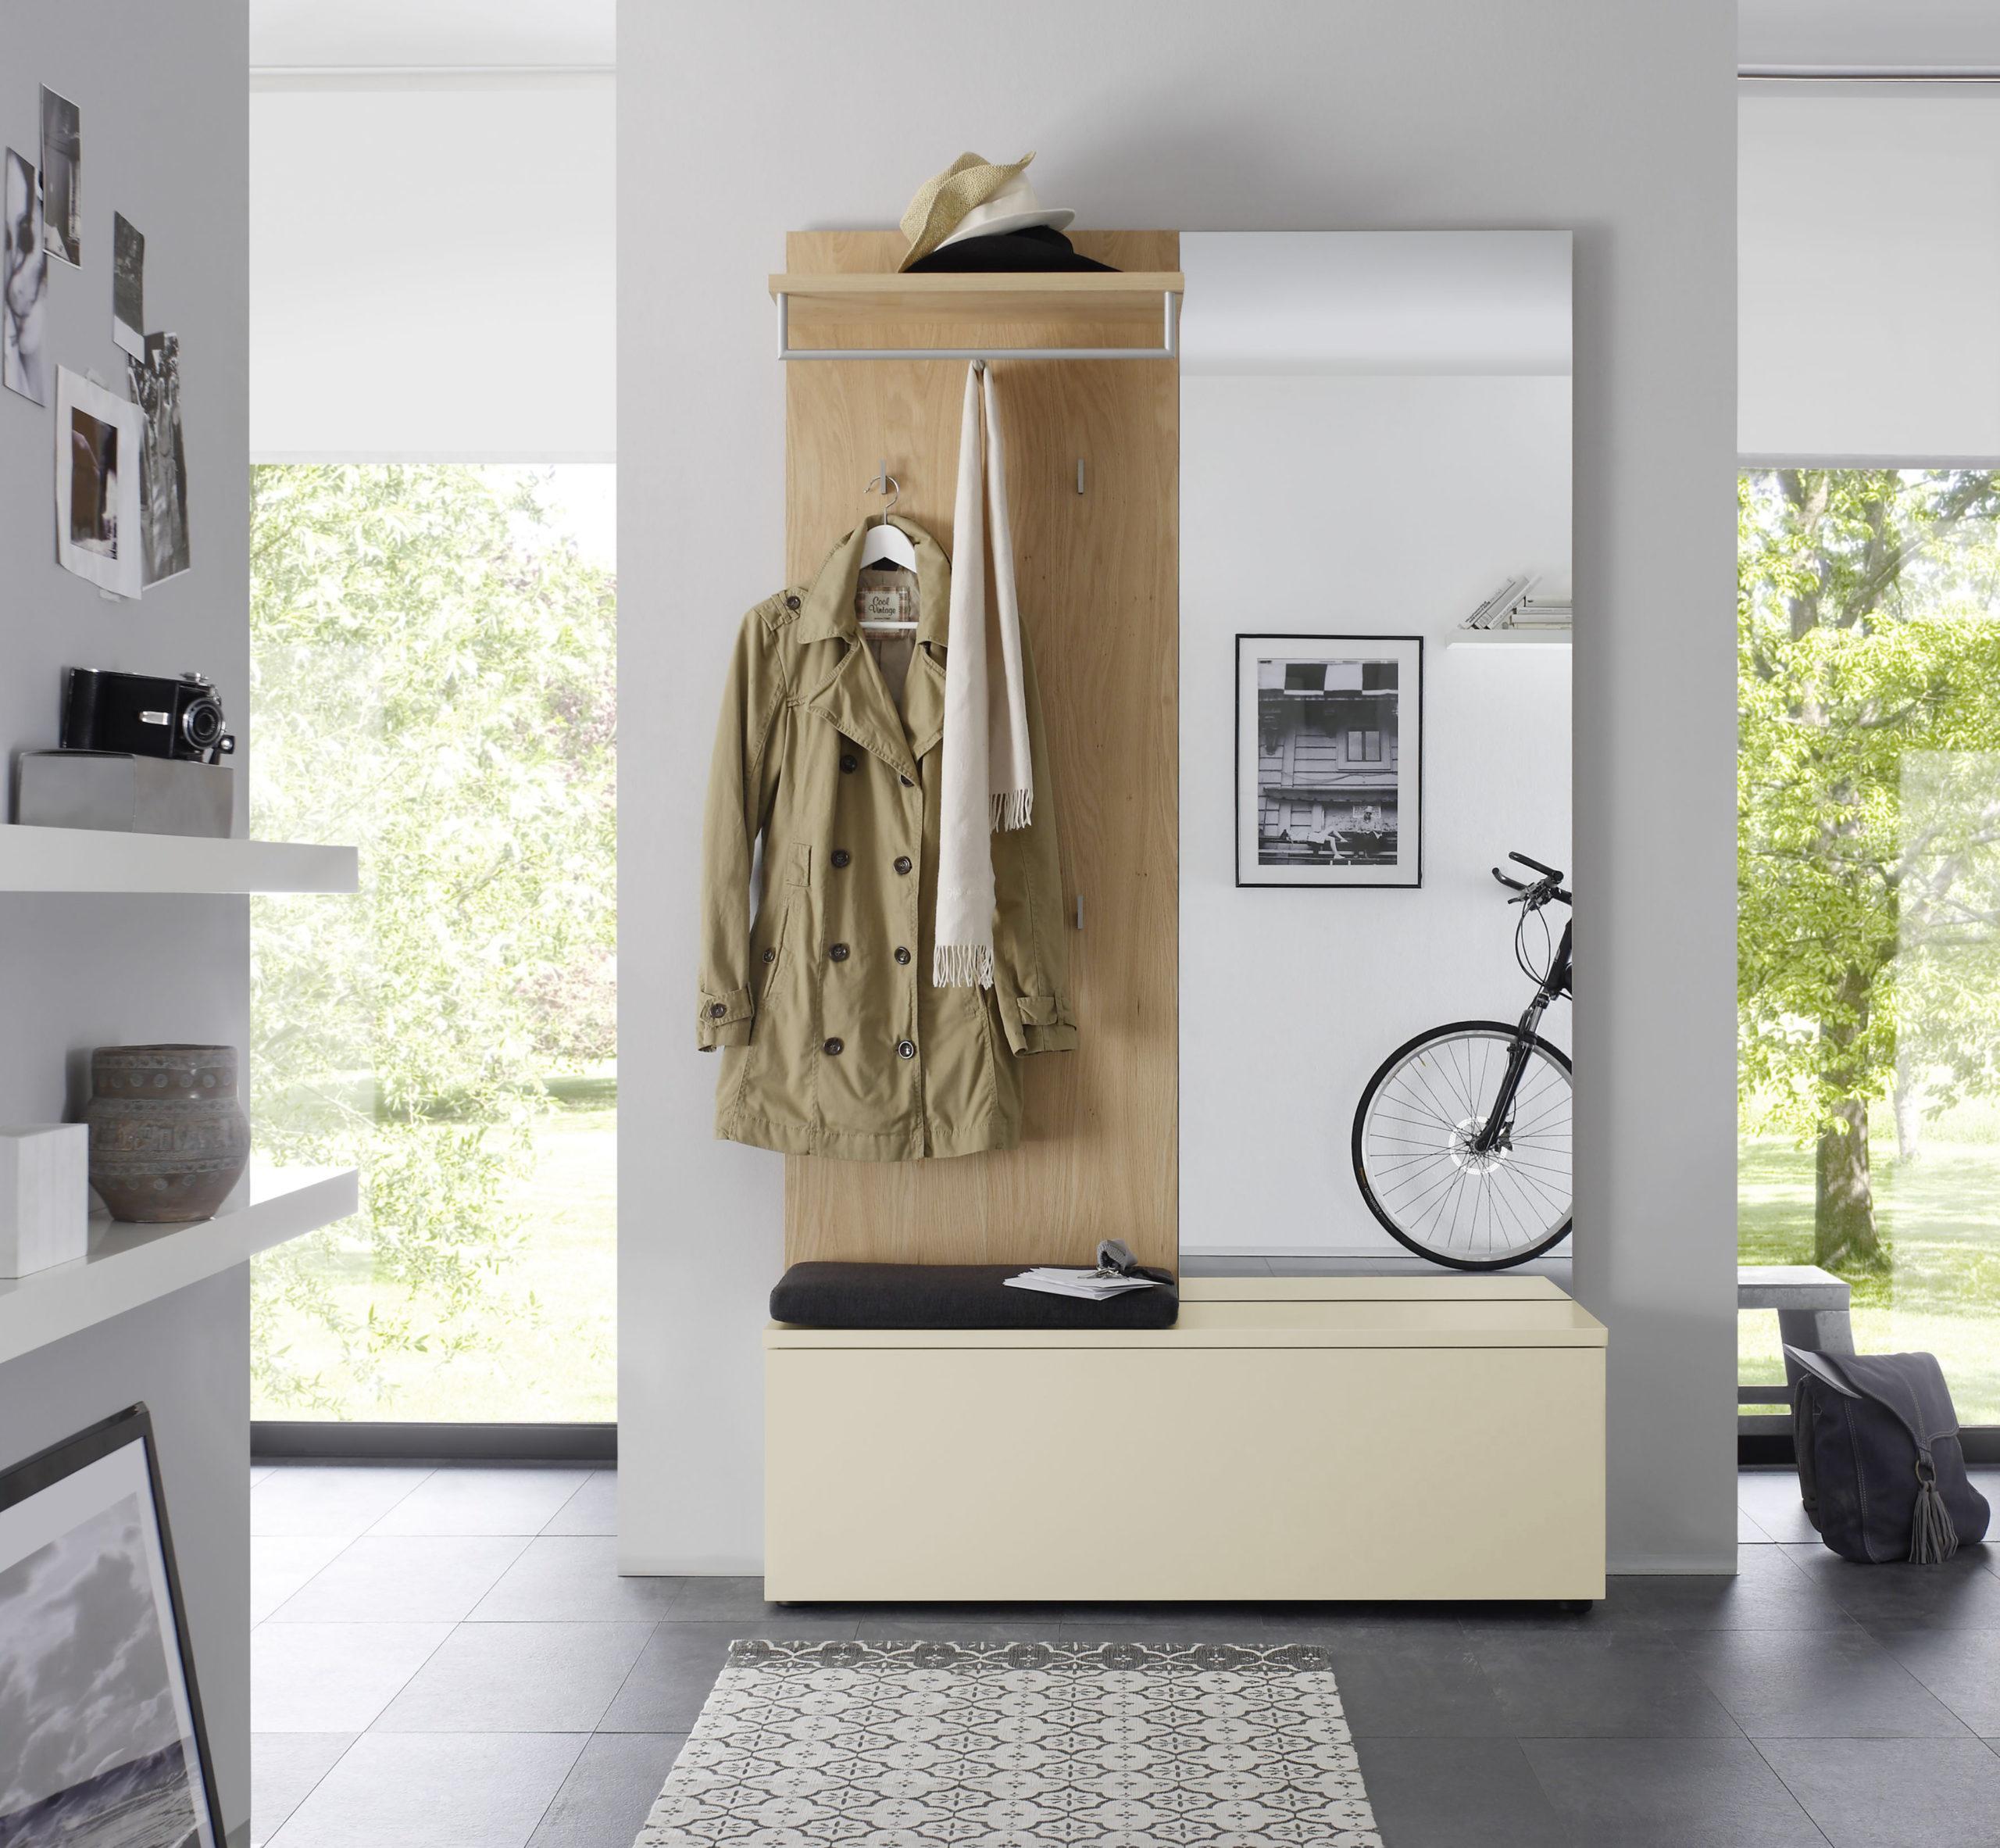 Sudbrock TANDO Garderobe in der Ausführung Ethno Eiche, Lack kaschmir #469